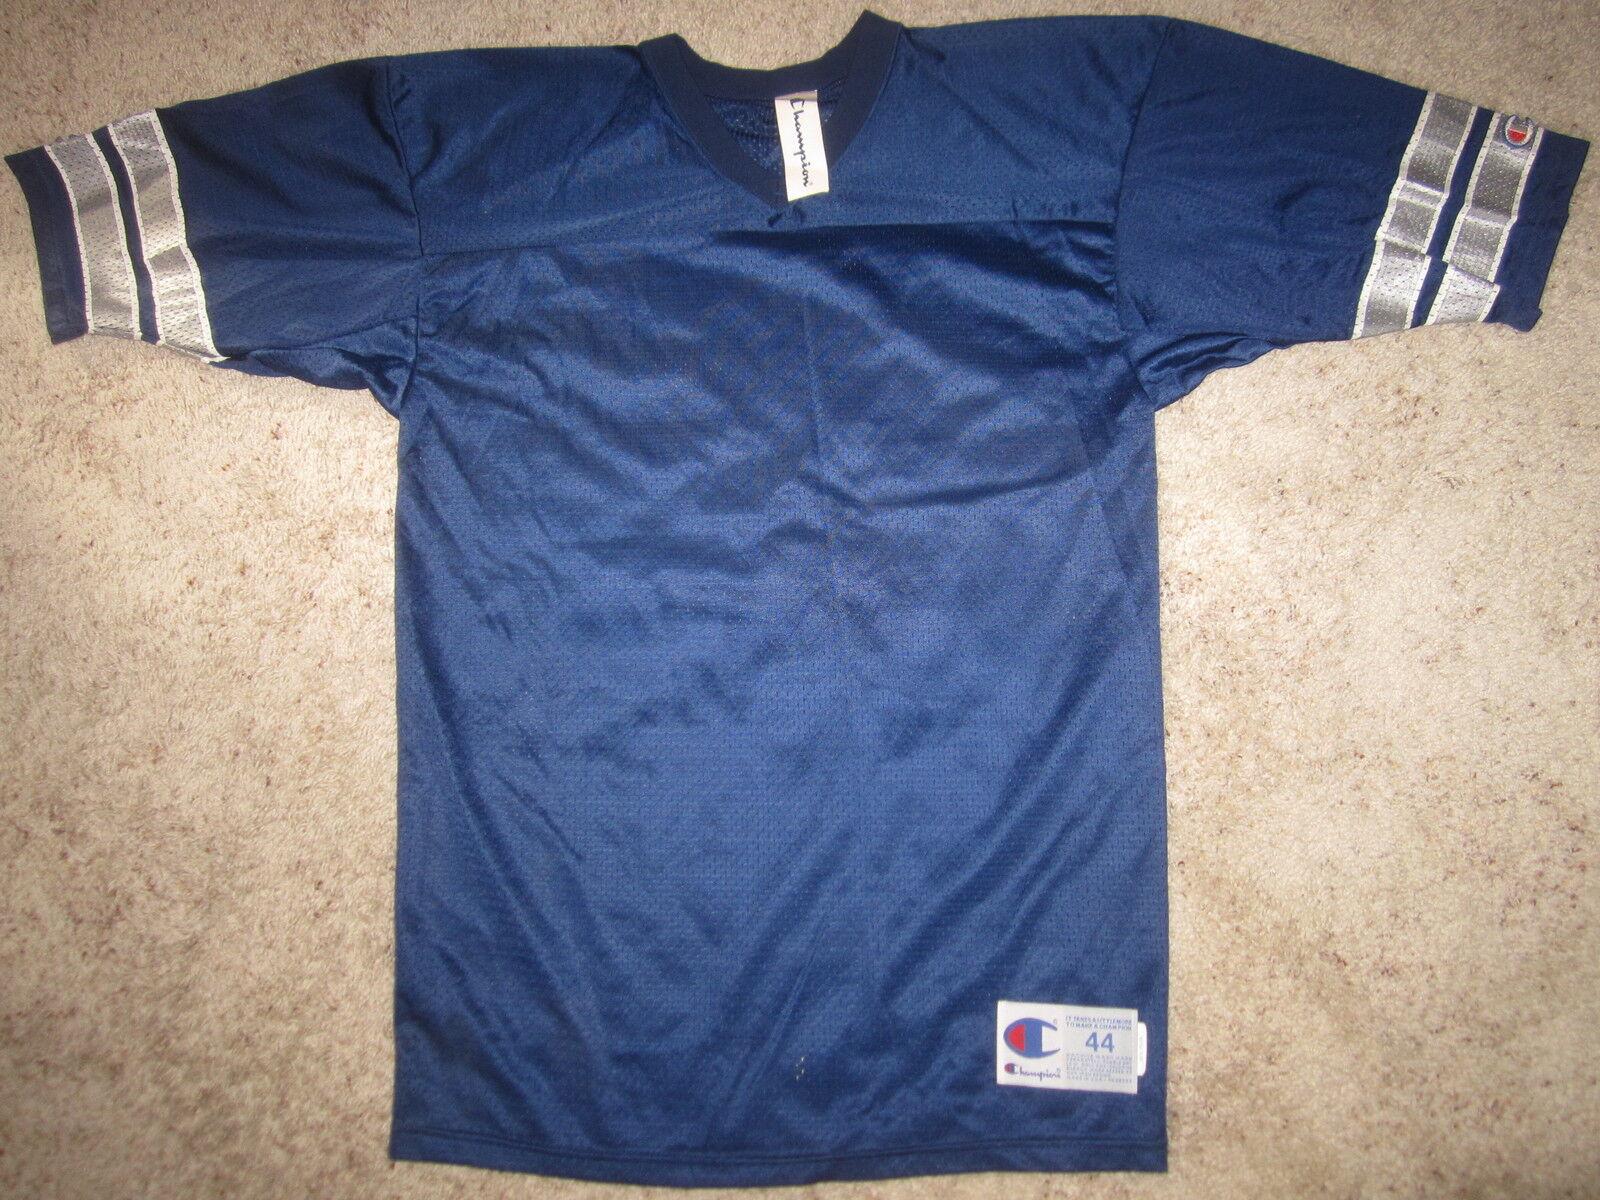 Dallas Cowboys 1993 Vintage NFL Campeón Camiseta 44 LARGA para Hombre Nwt